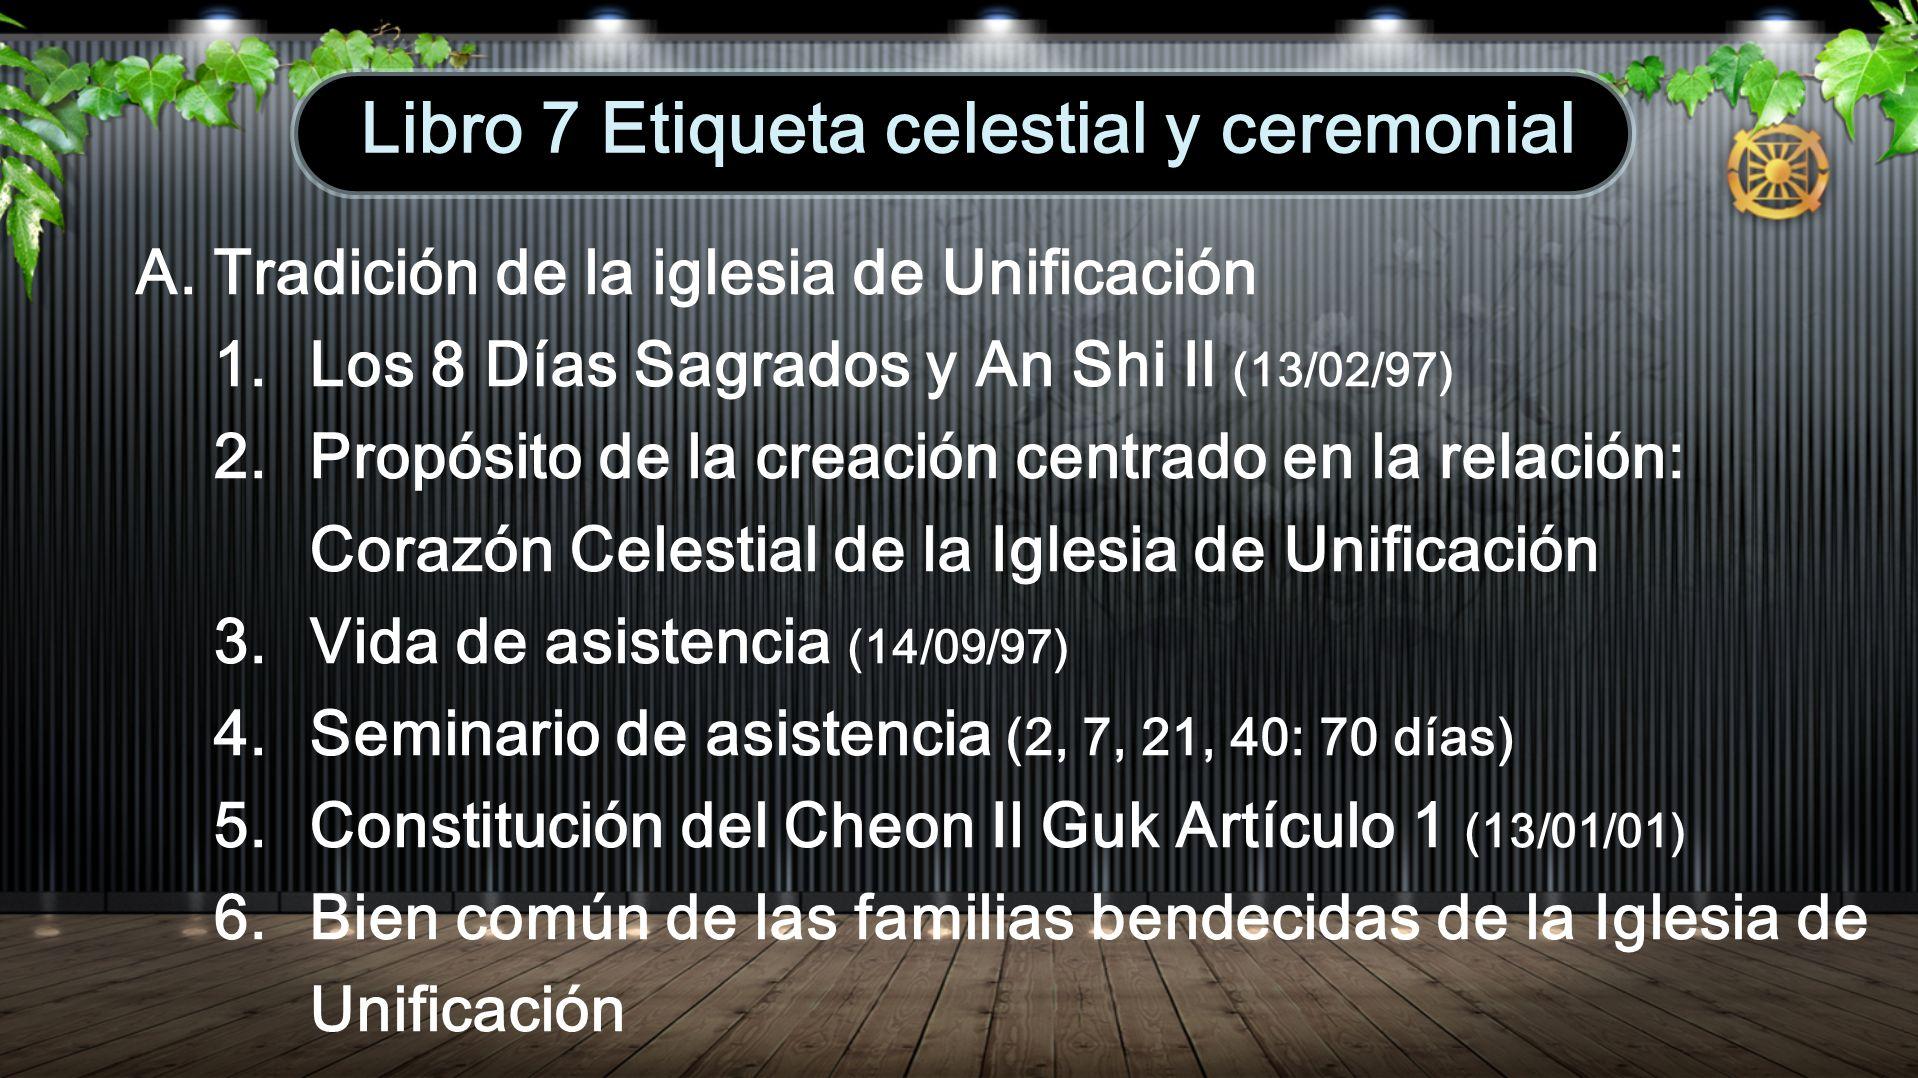 Libro 7 Etiqueta celestial y ceremonial